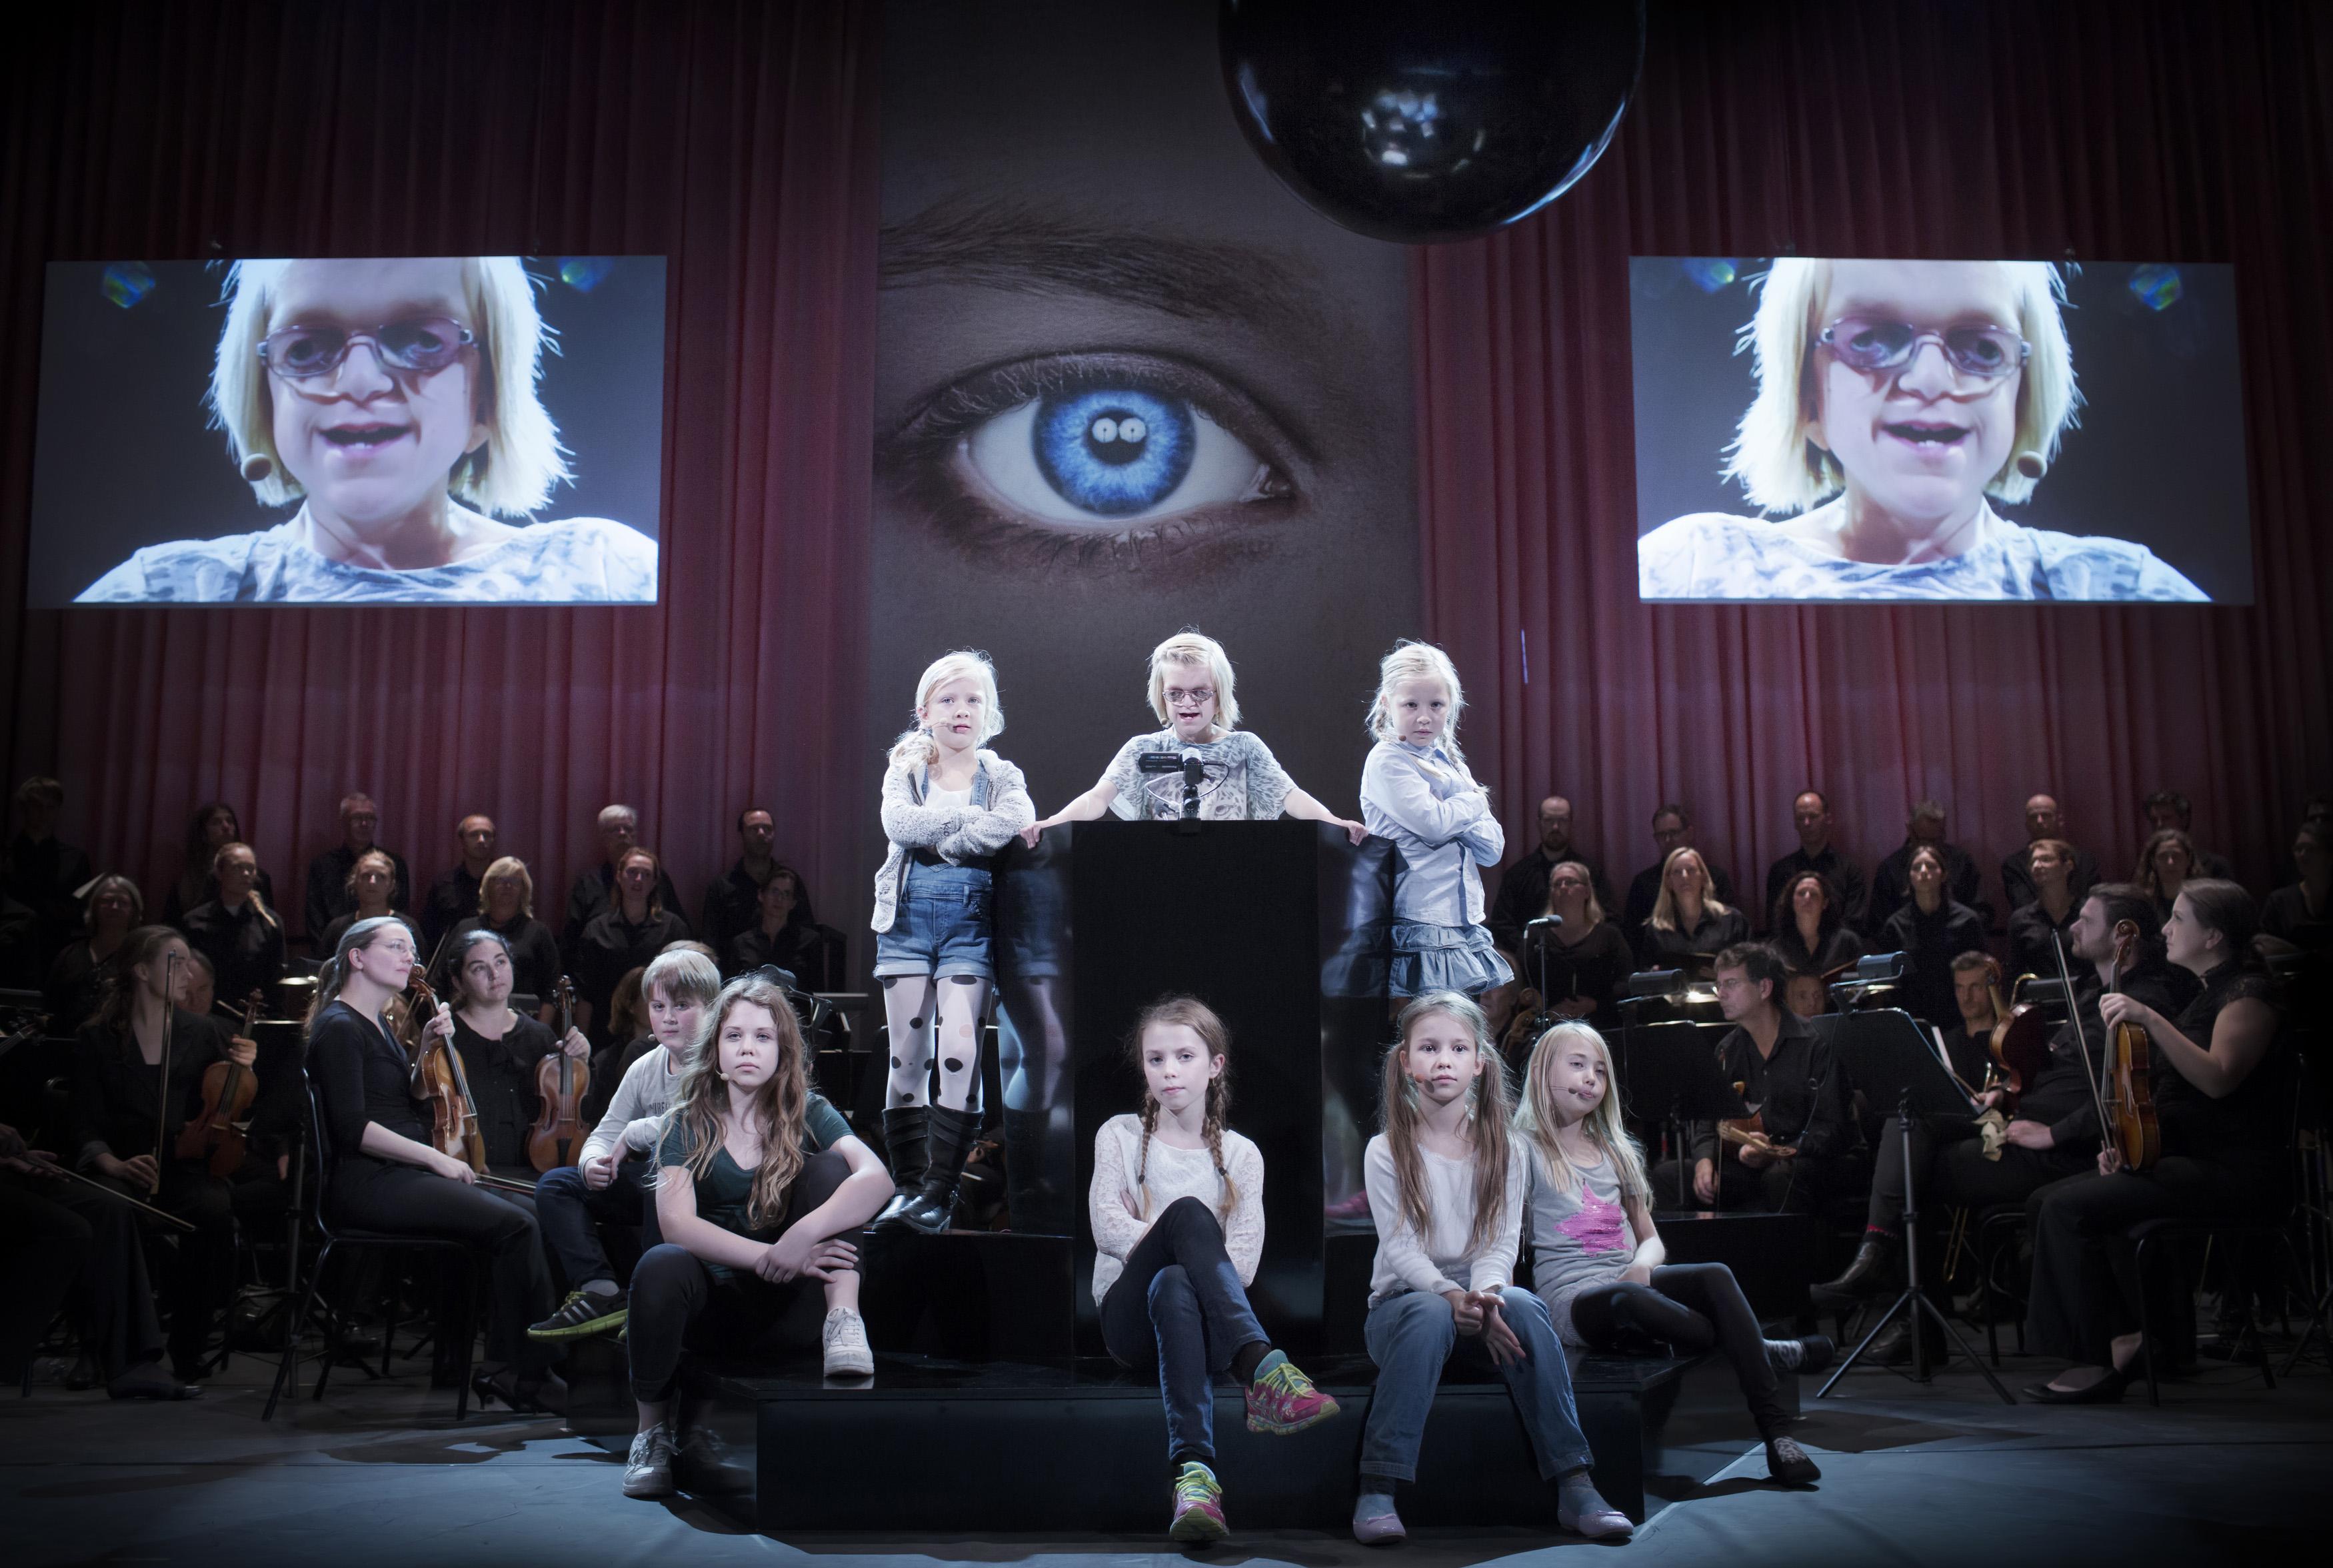 Sju barn tittar allvarligt på oss från ett podium. I bakgrunden svartklädda korister i det rosa rummet.